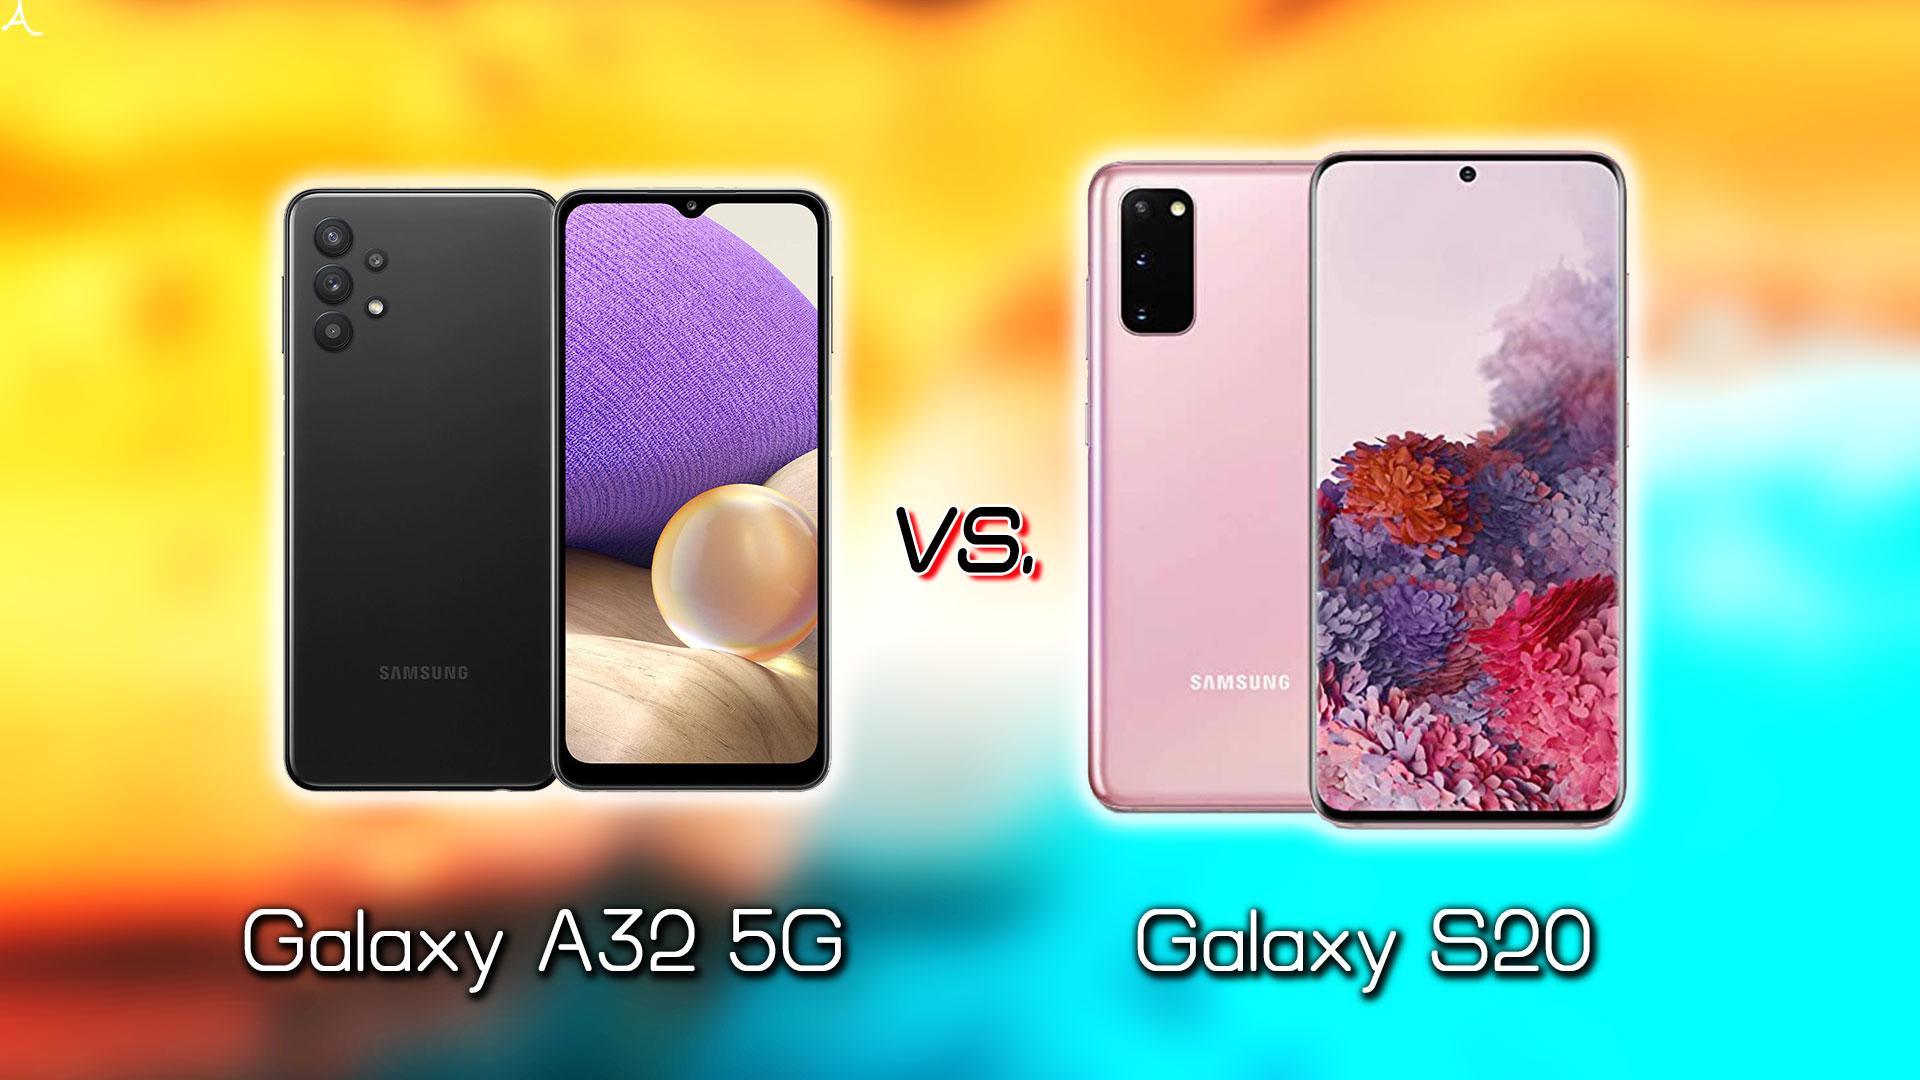 「Galaxy A32 5G」と「Galaxy S20」の違いを比較:どっちを買う?